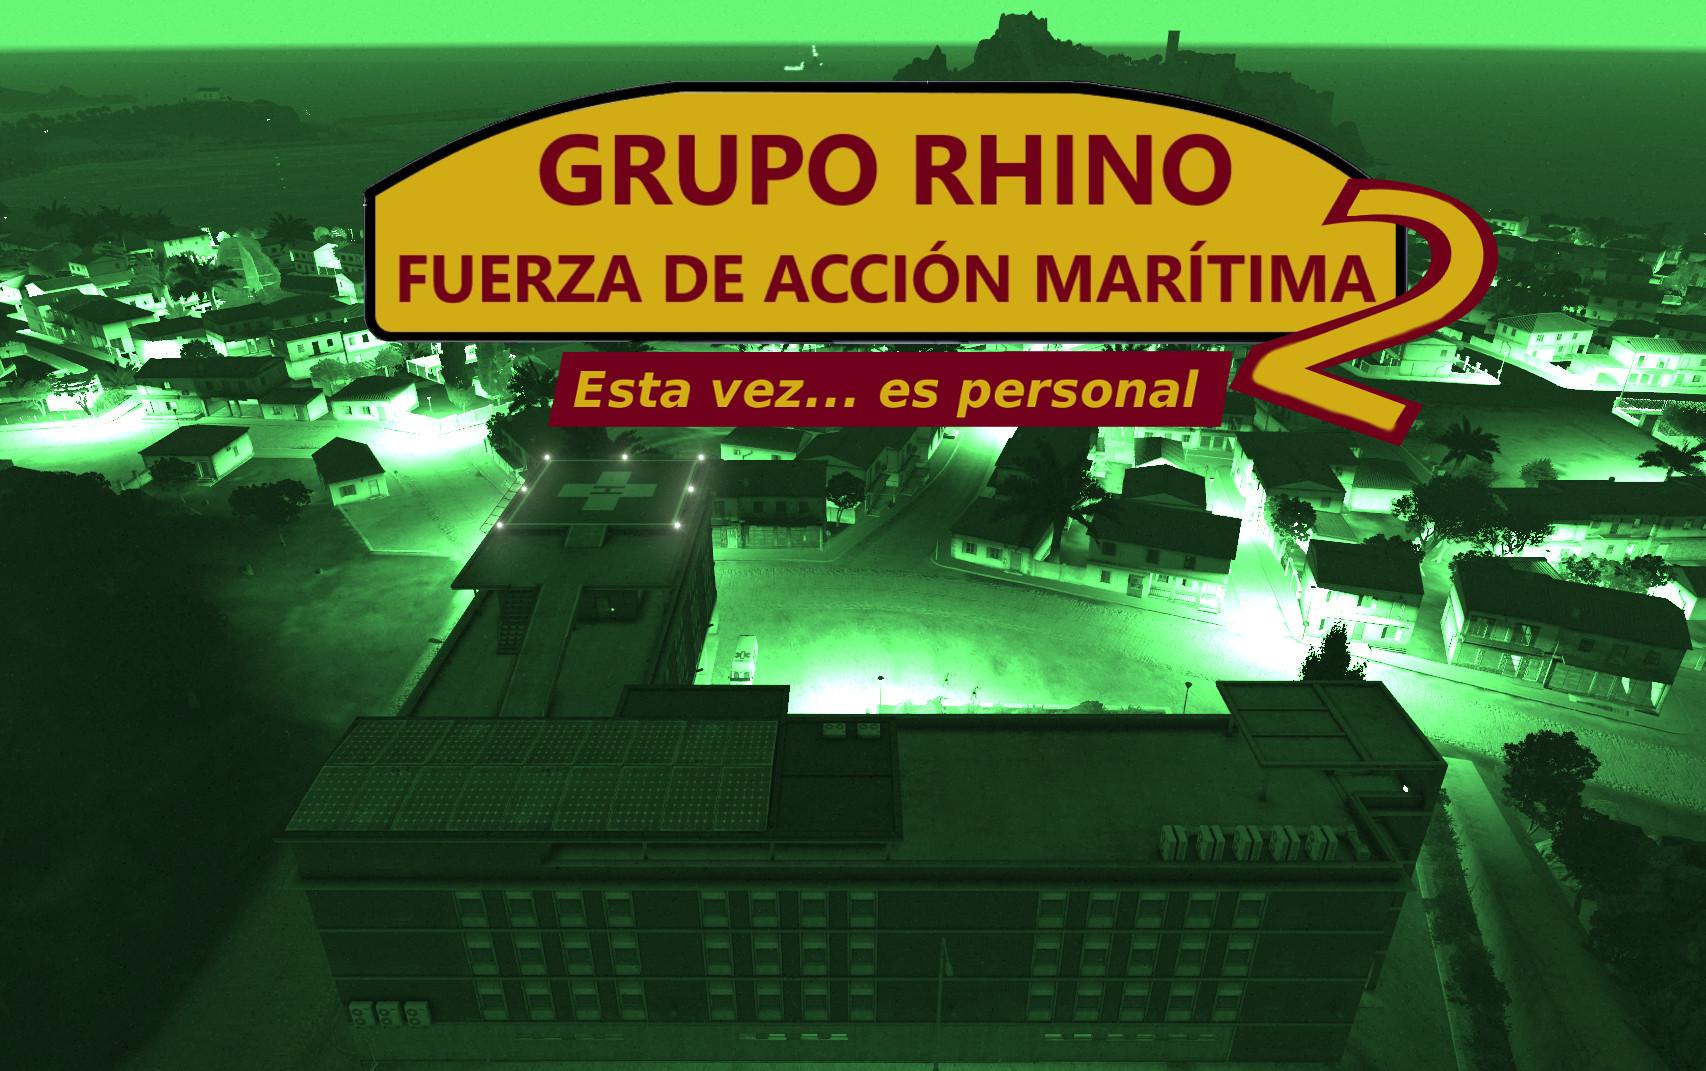 Misión Oficial: Fuerza de Acción Marítima 2 @ Servidor Privado Grupo Rhino